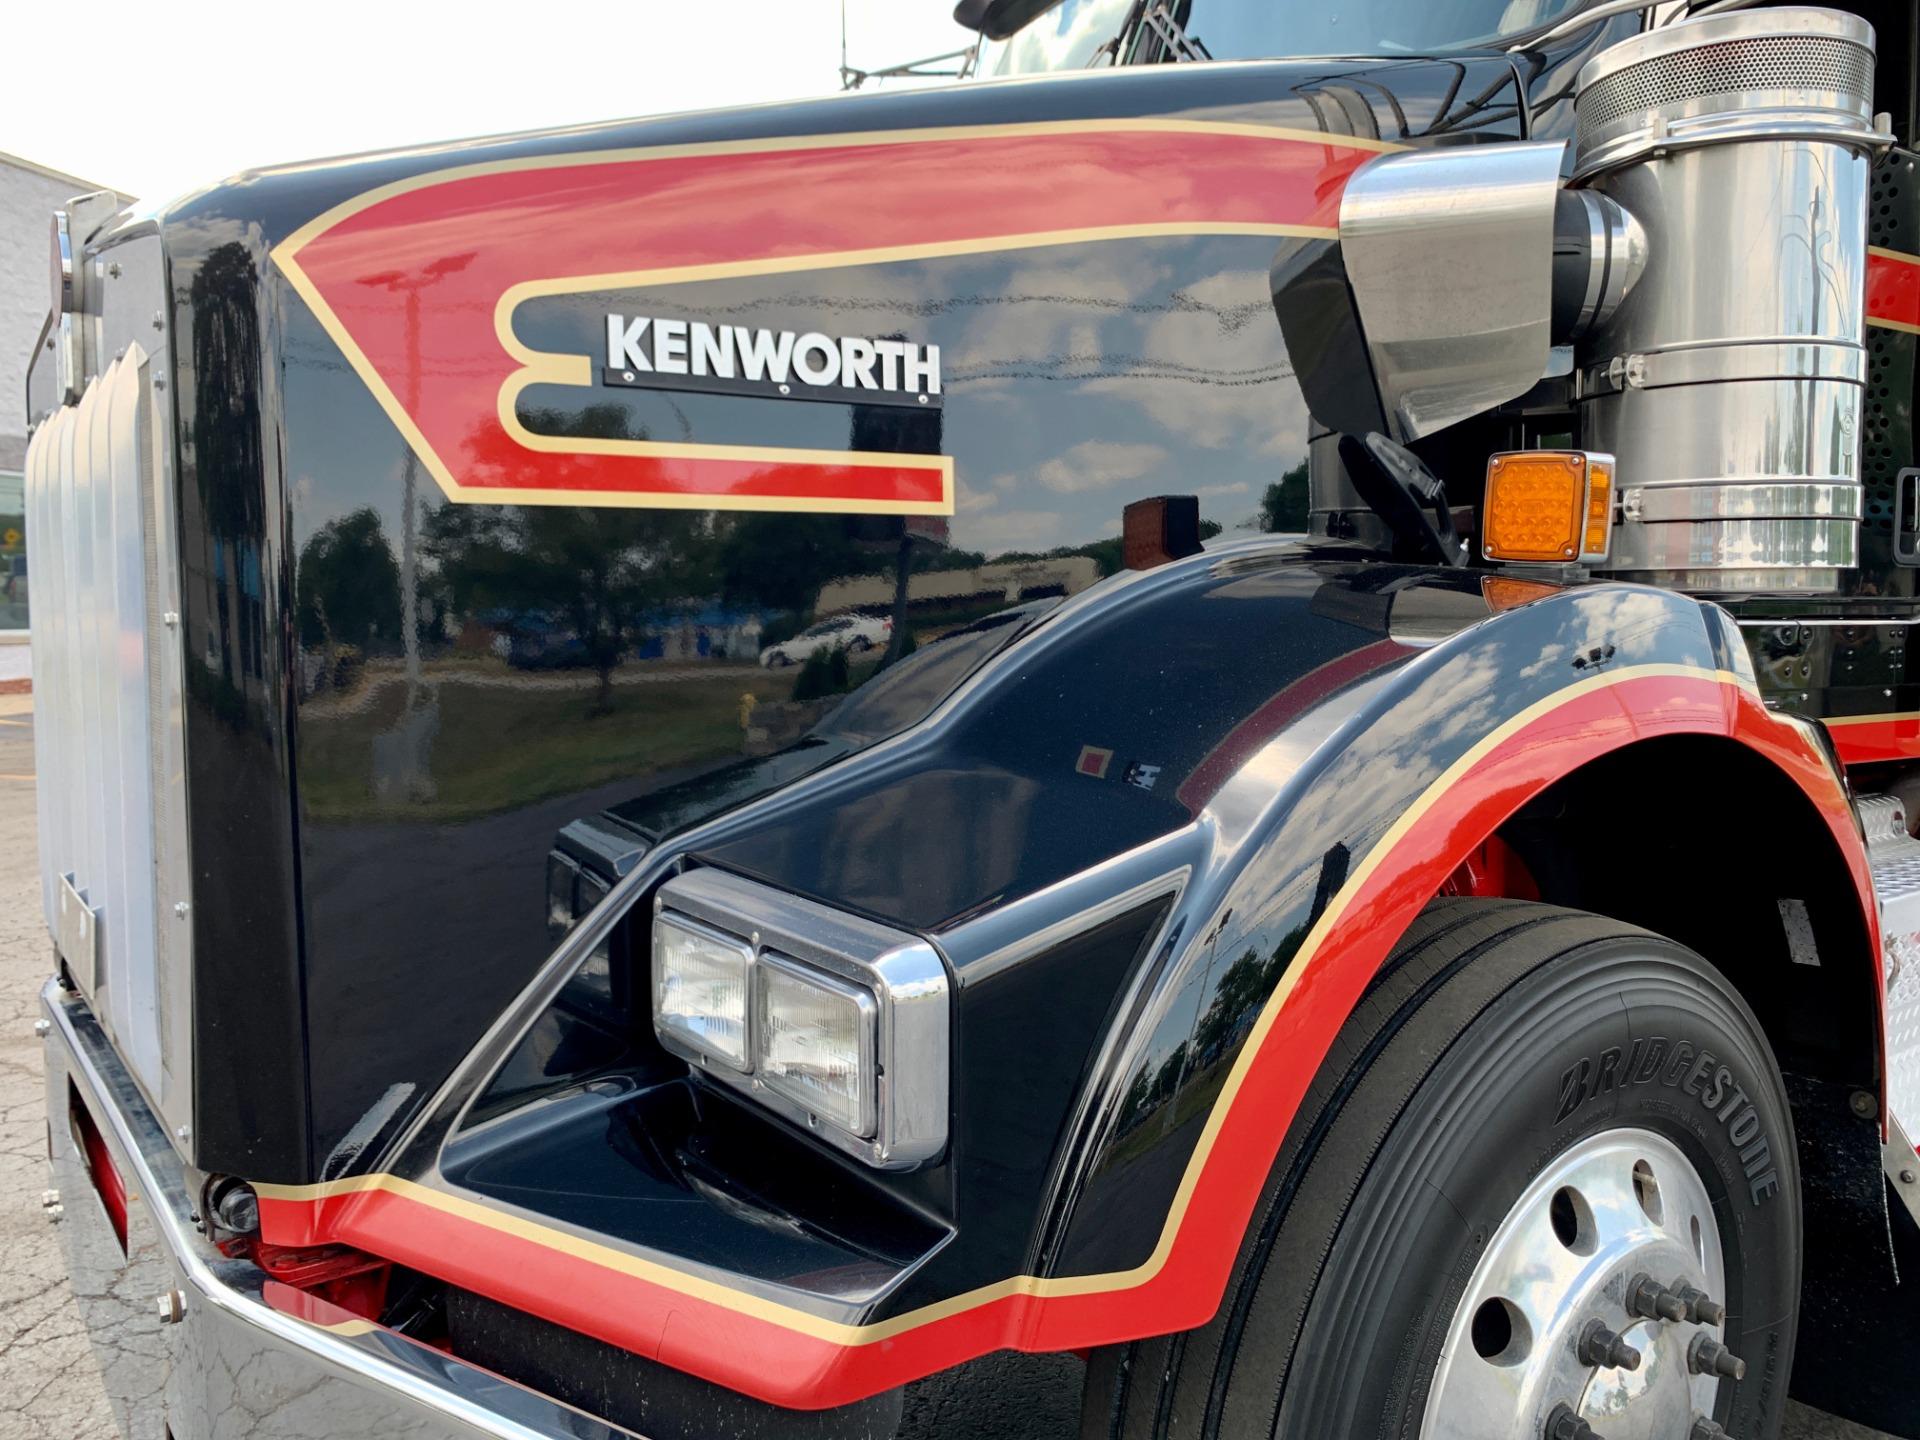 Used-2014-Kenworth-T800-Sleeper---Cummins-ISX-15---10-Speed